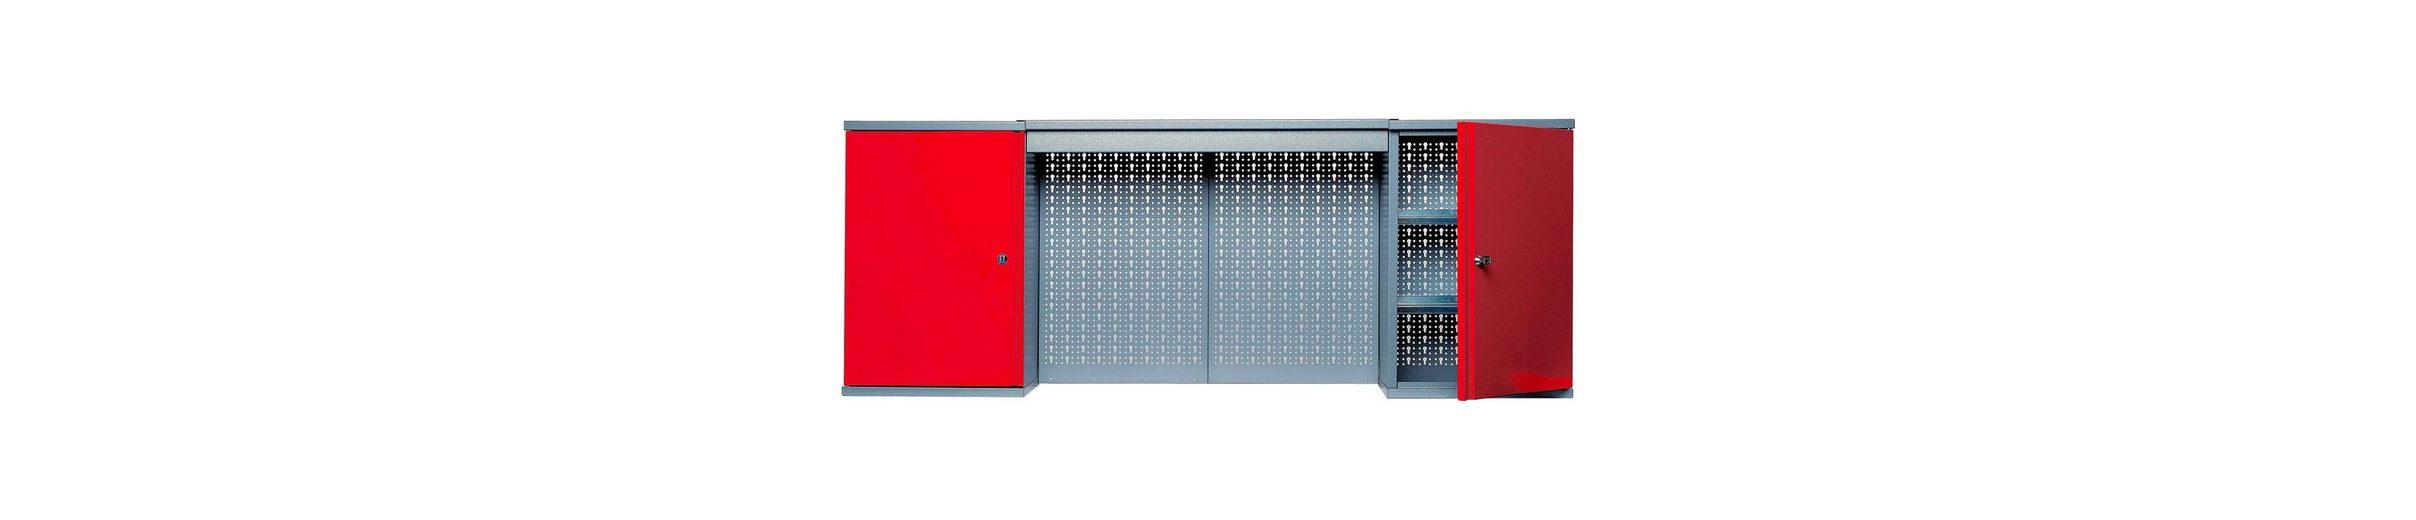 Hängeschrank mit Lichtblende, 2 Türen, 4 Einlegeböden, in rot